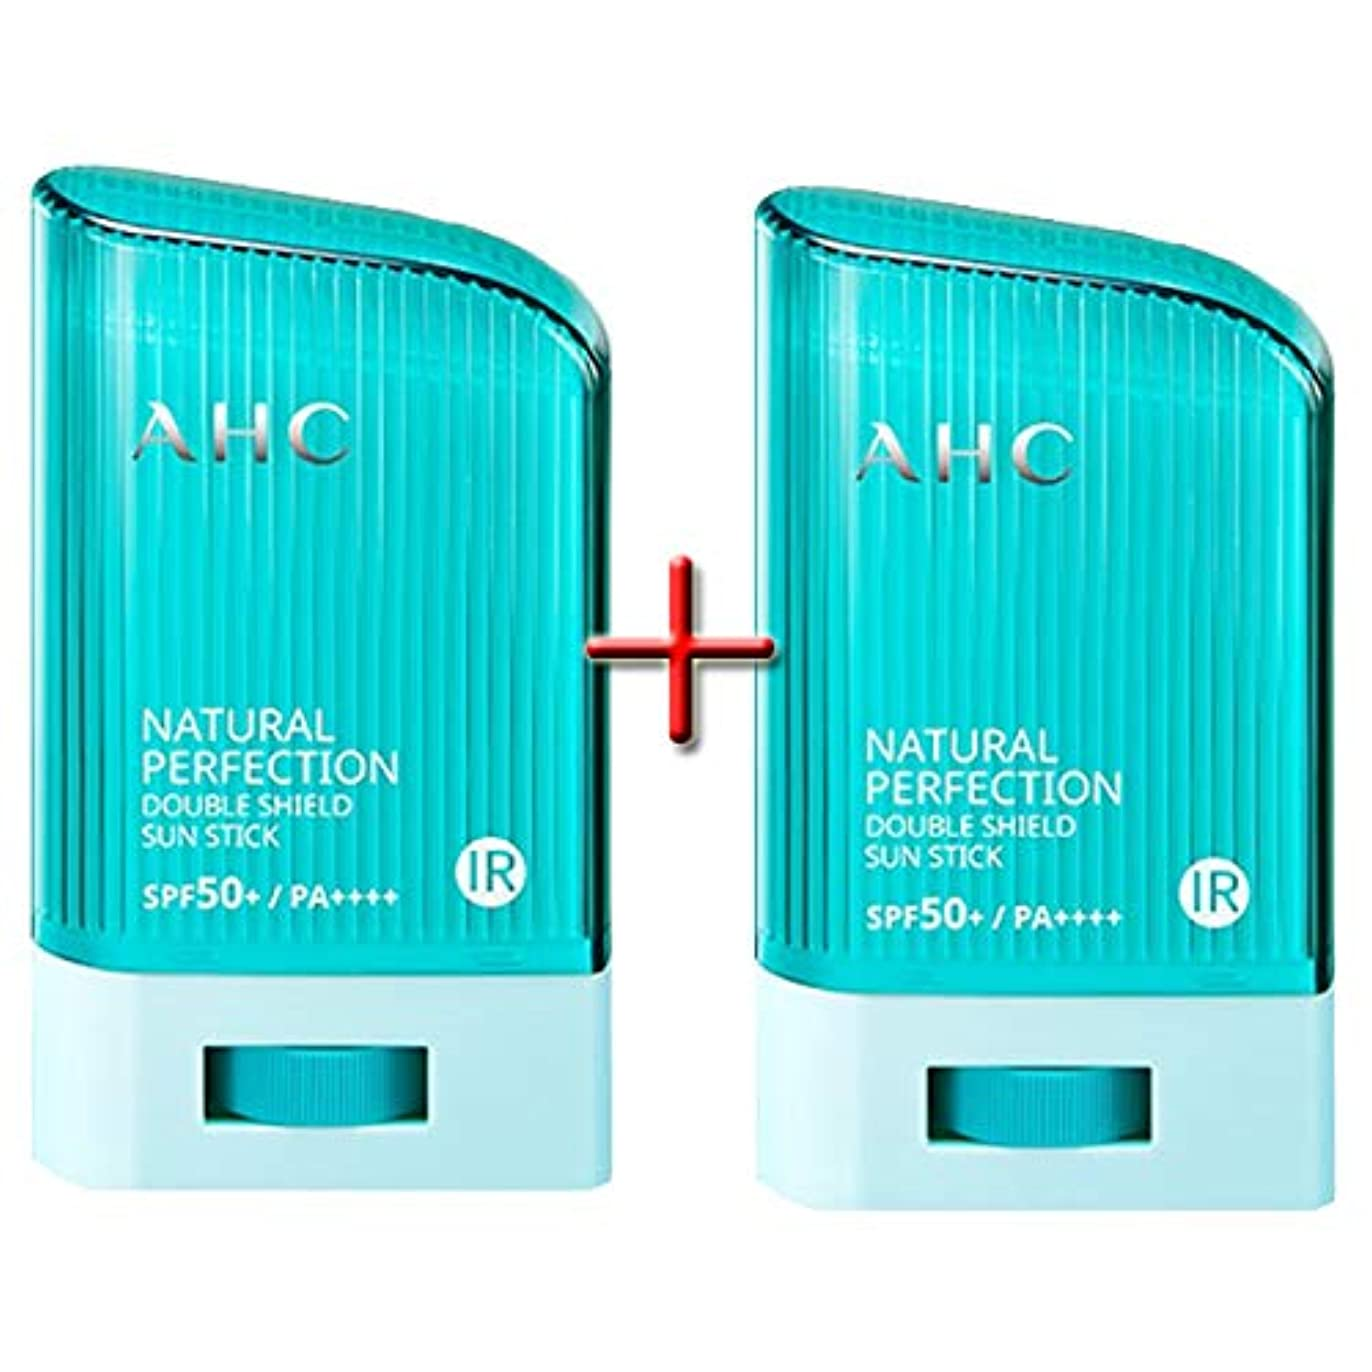 起こりやすいブロックする痛い[ 1+1 ] AHC ナチュラルパーフェクションダブルシールドサンスティック 22g, Natural Perfection Double Shield Sun Stick SPF50+ PA++++